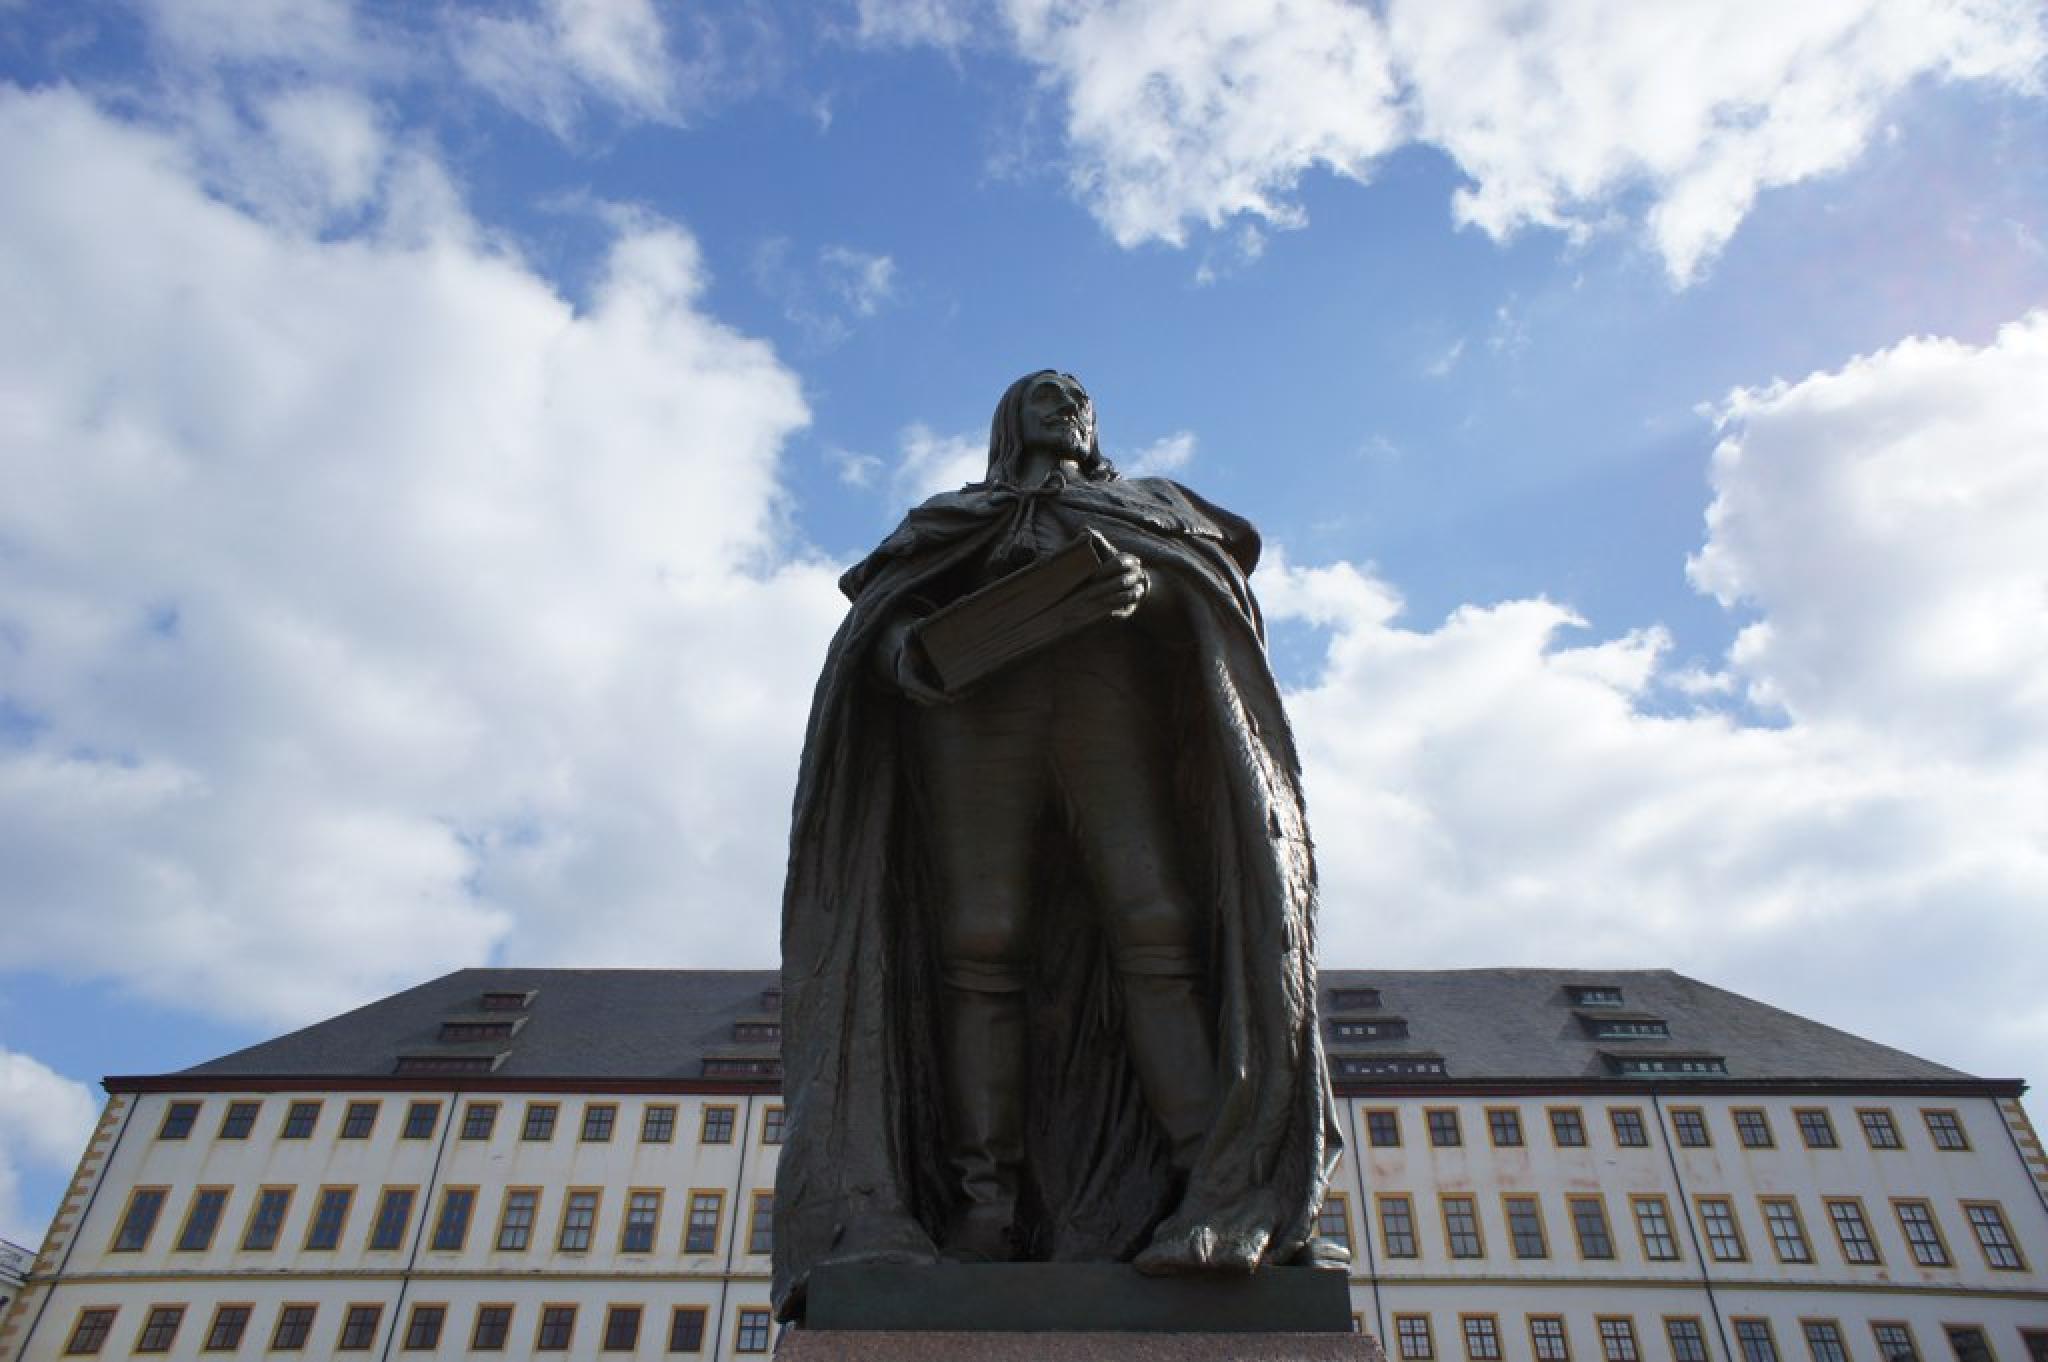 Gotha, Ernst der Fromme, Schloss Friedenstein by pinibit